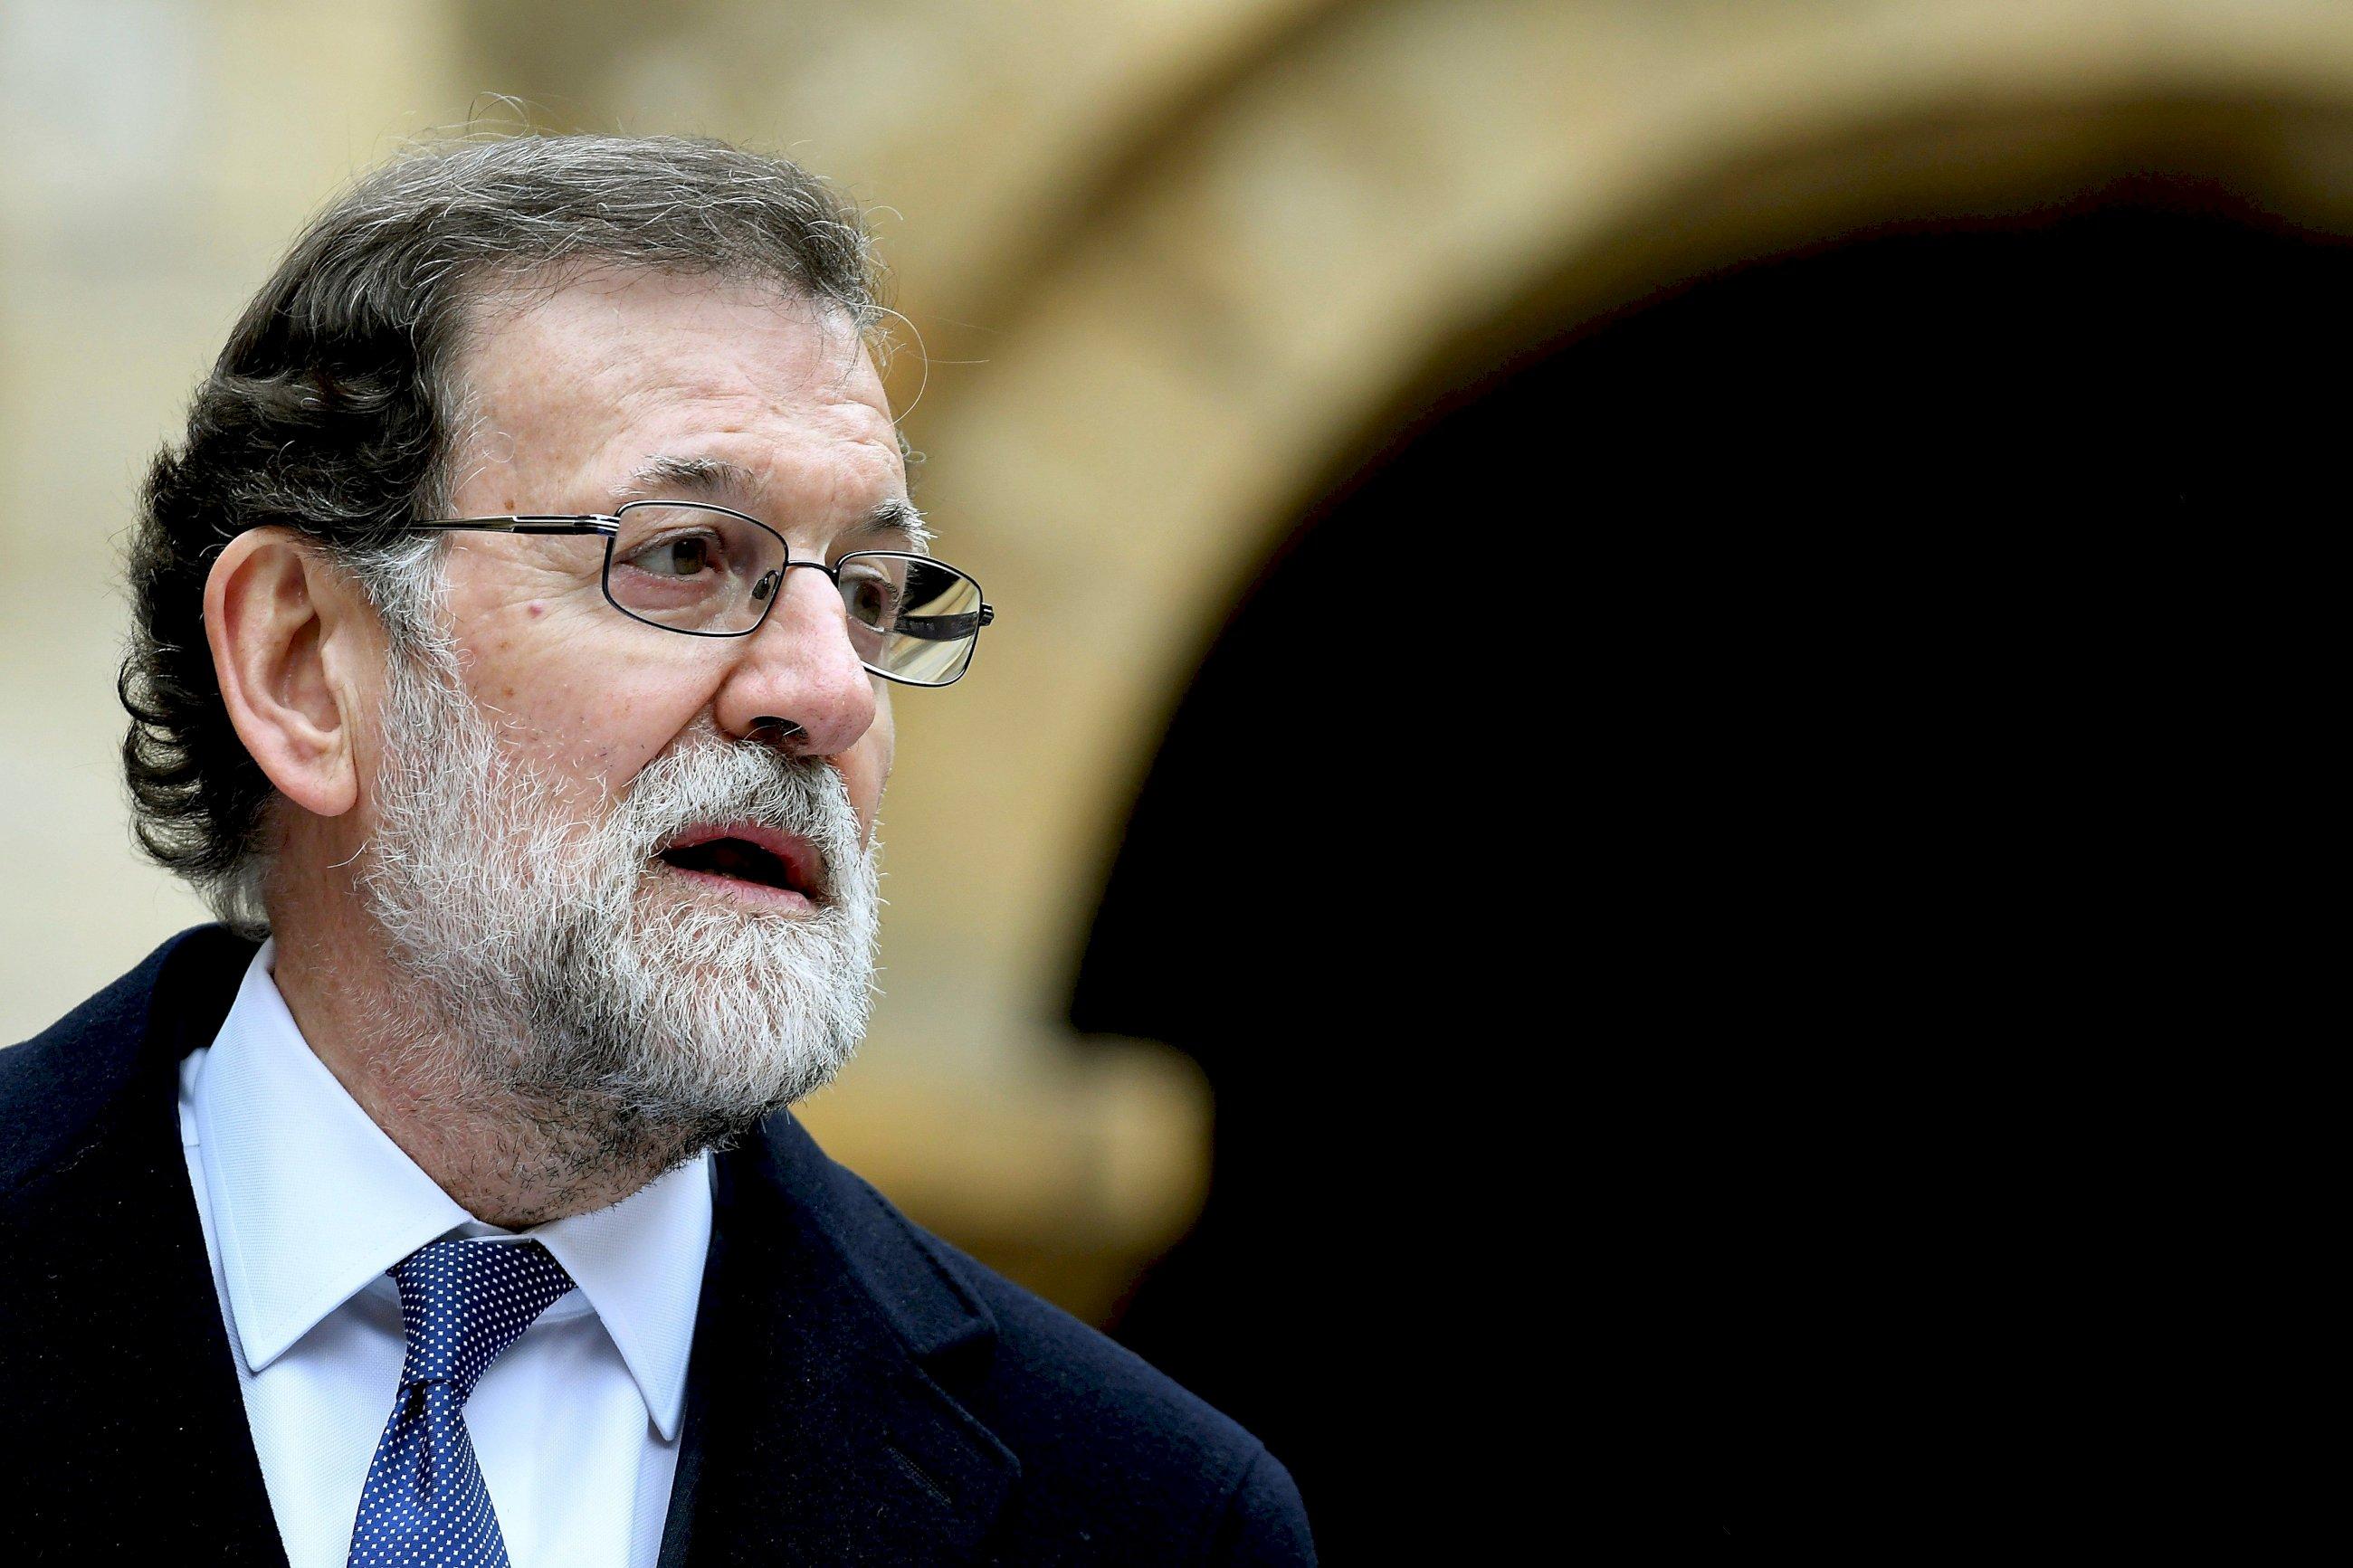 Mariano Rajoy pone fecha al nombramiento del nuevo ministro de economía